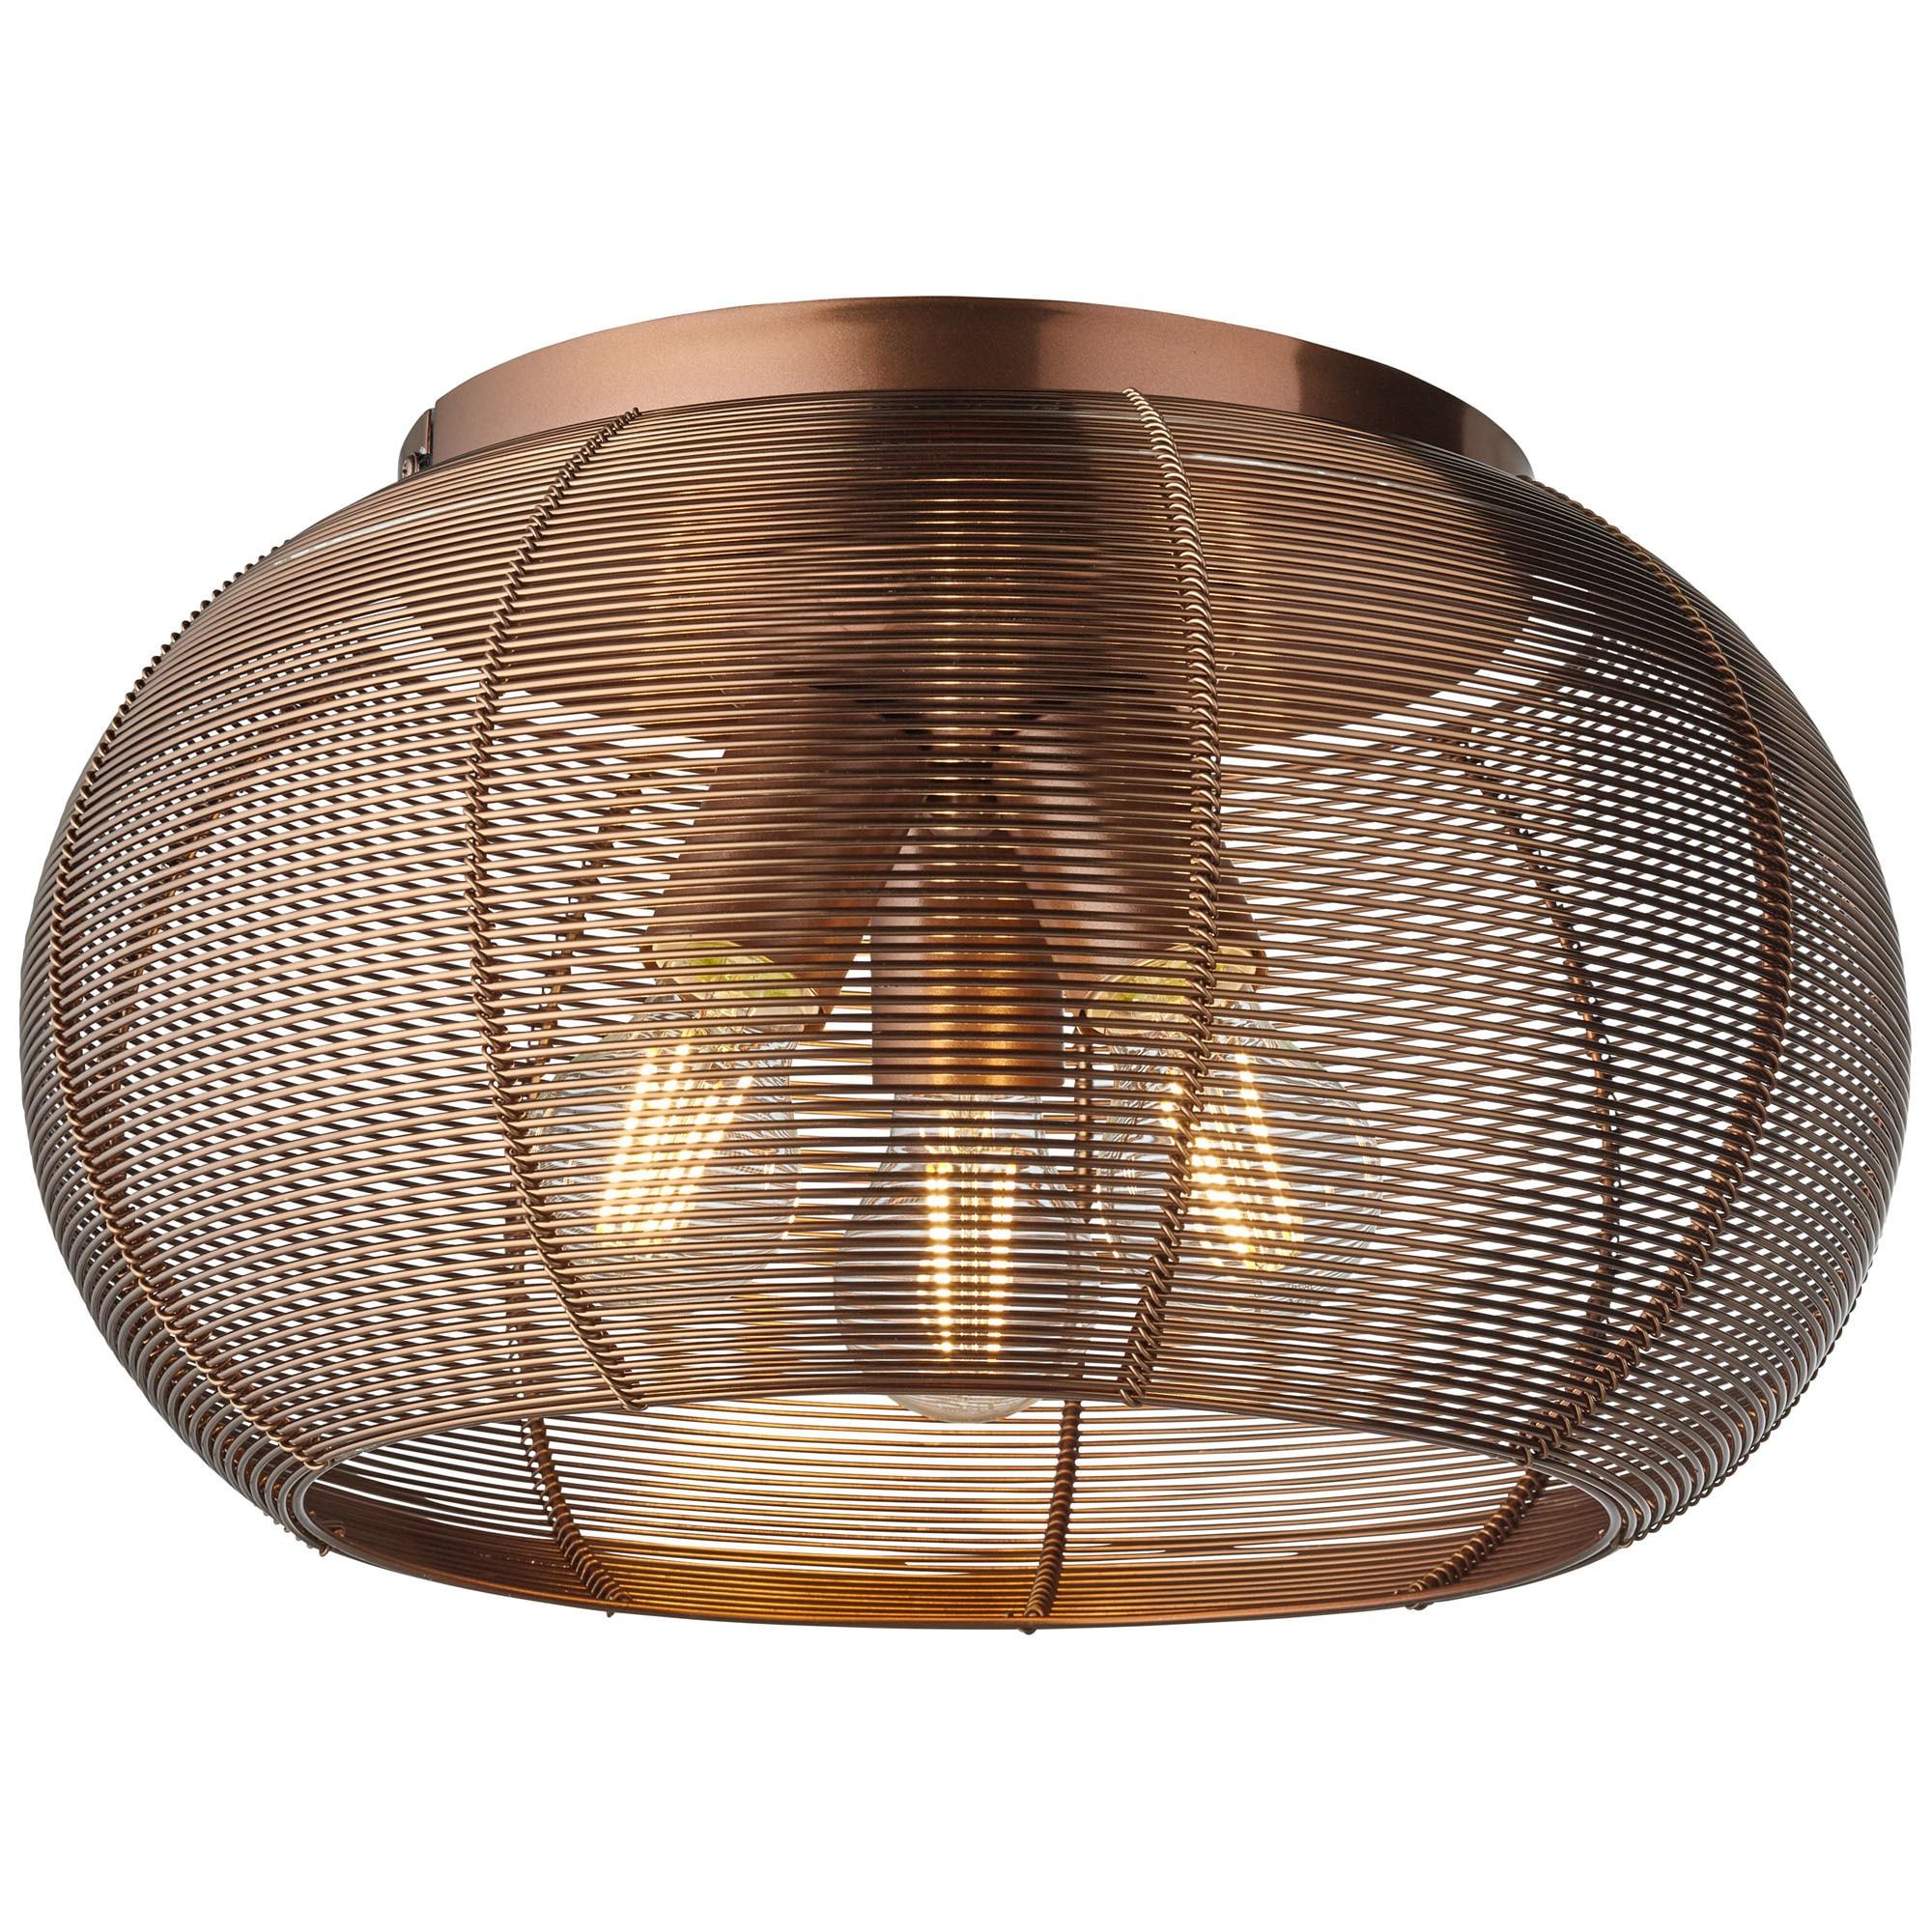 Brilliant Leuchten Sambo Deckenleuchte 40cm braun/Kaffee